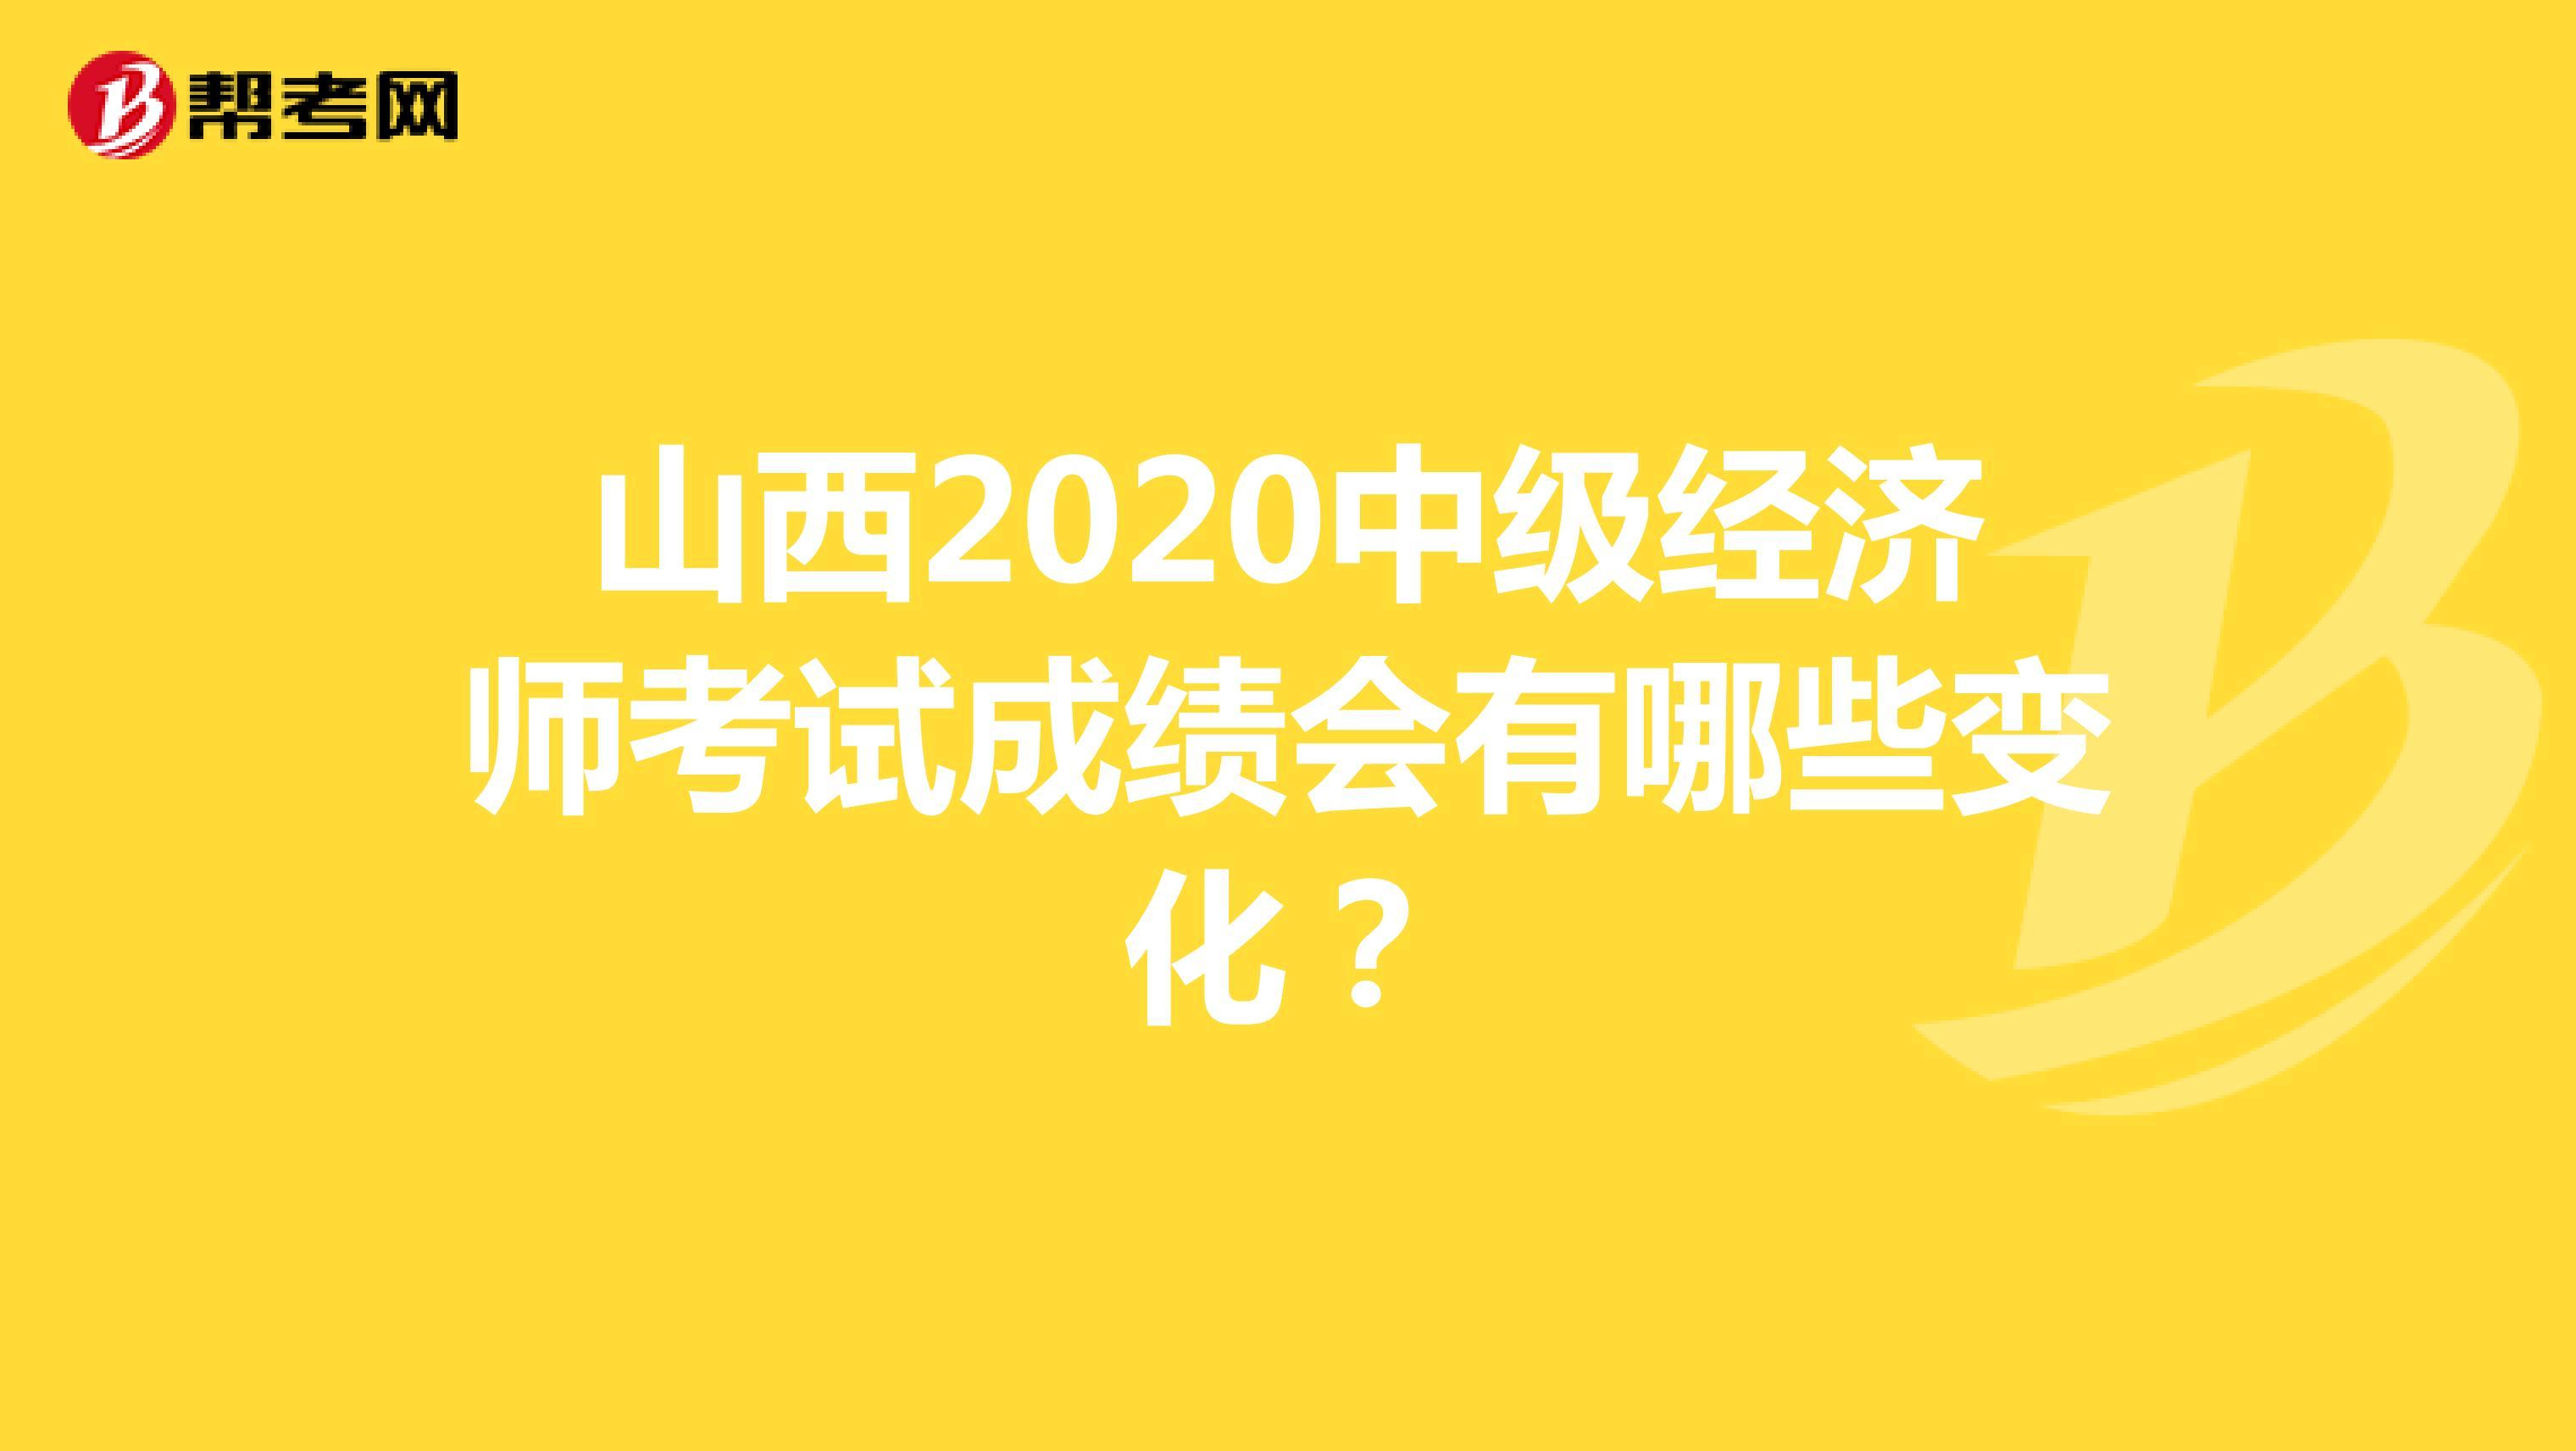 山西2020中级经济师考试成绩会有哪些变化?